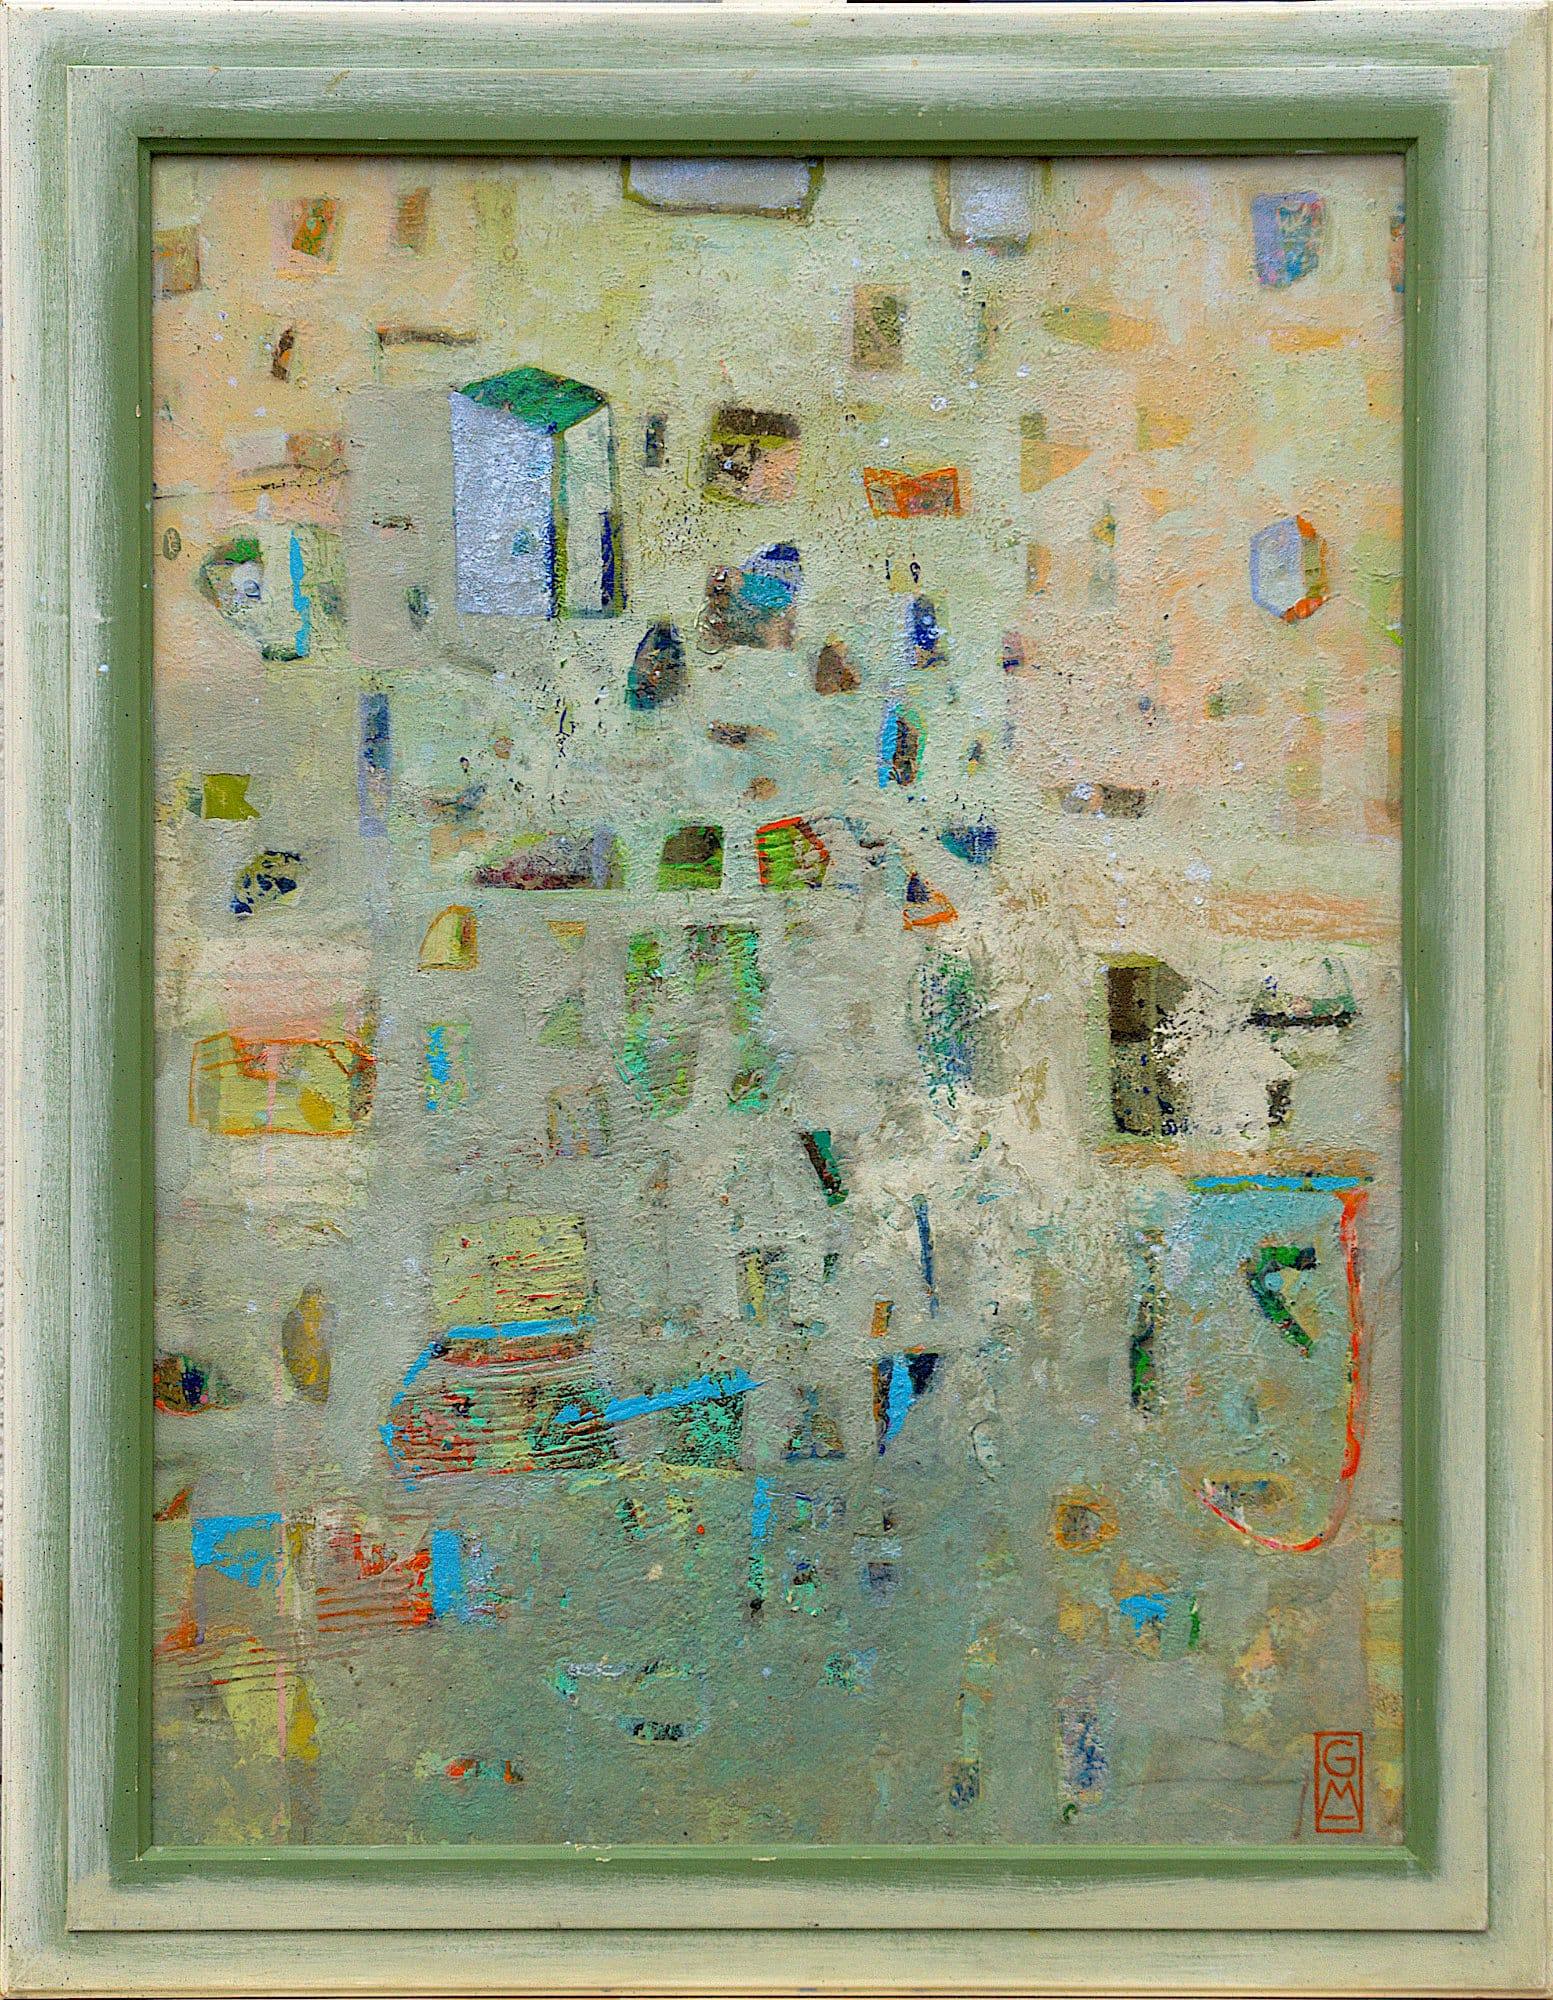 Gerlinde Mader | Abstrakt-VIII | 93 x 73 cm inkl. Rahmen